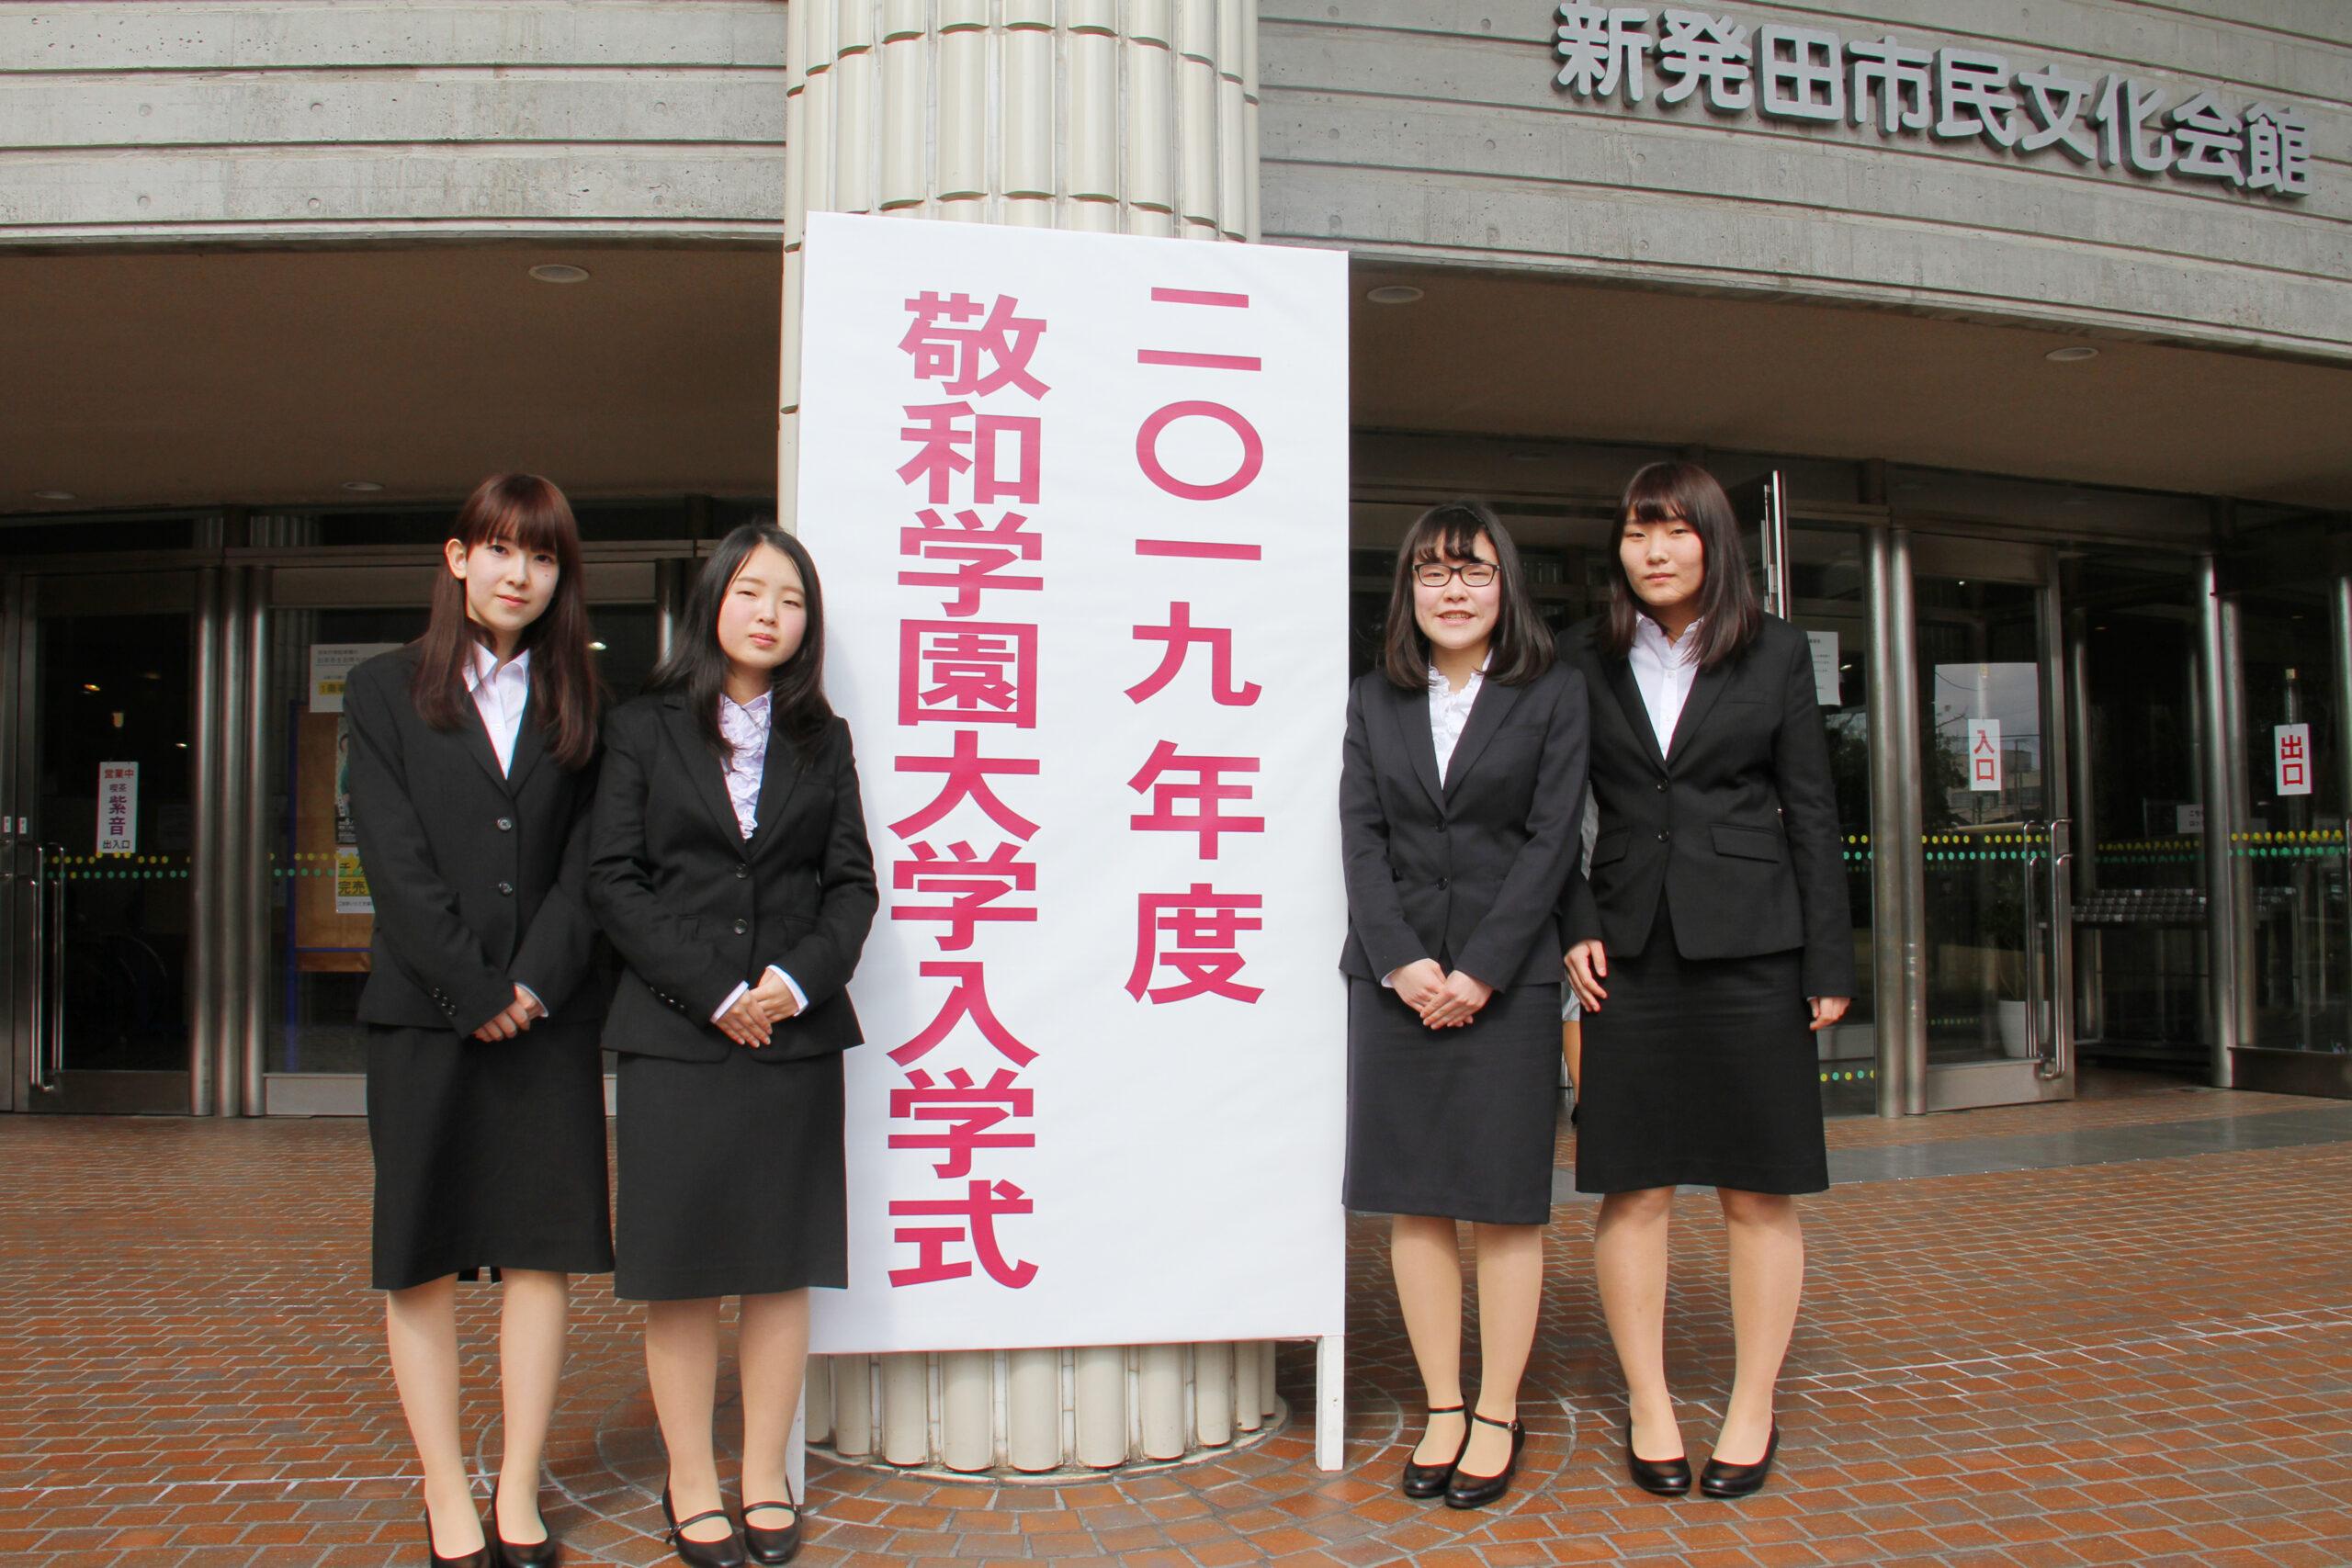 仲間と共に笑顔で大学生活をスタート!入学式を挙行しました